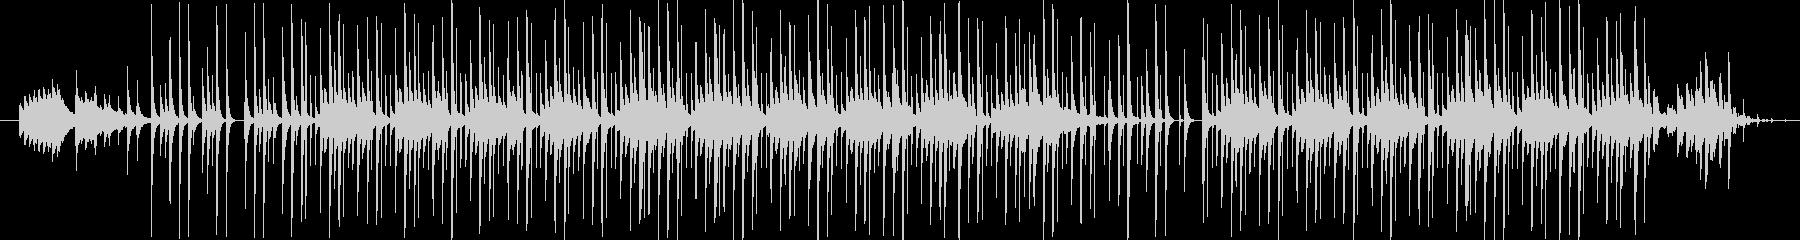 1分間BGMの未再生の波形